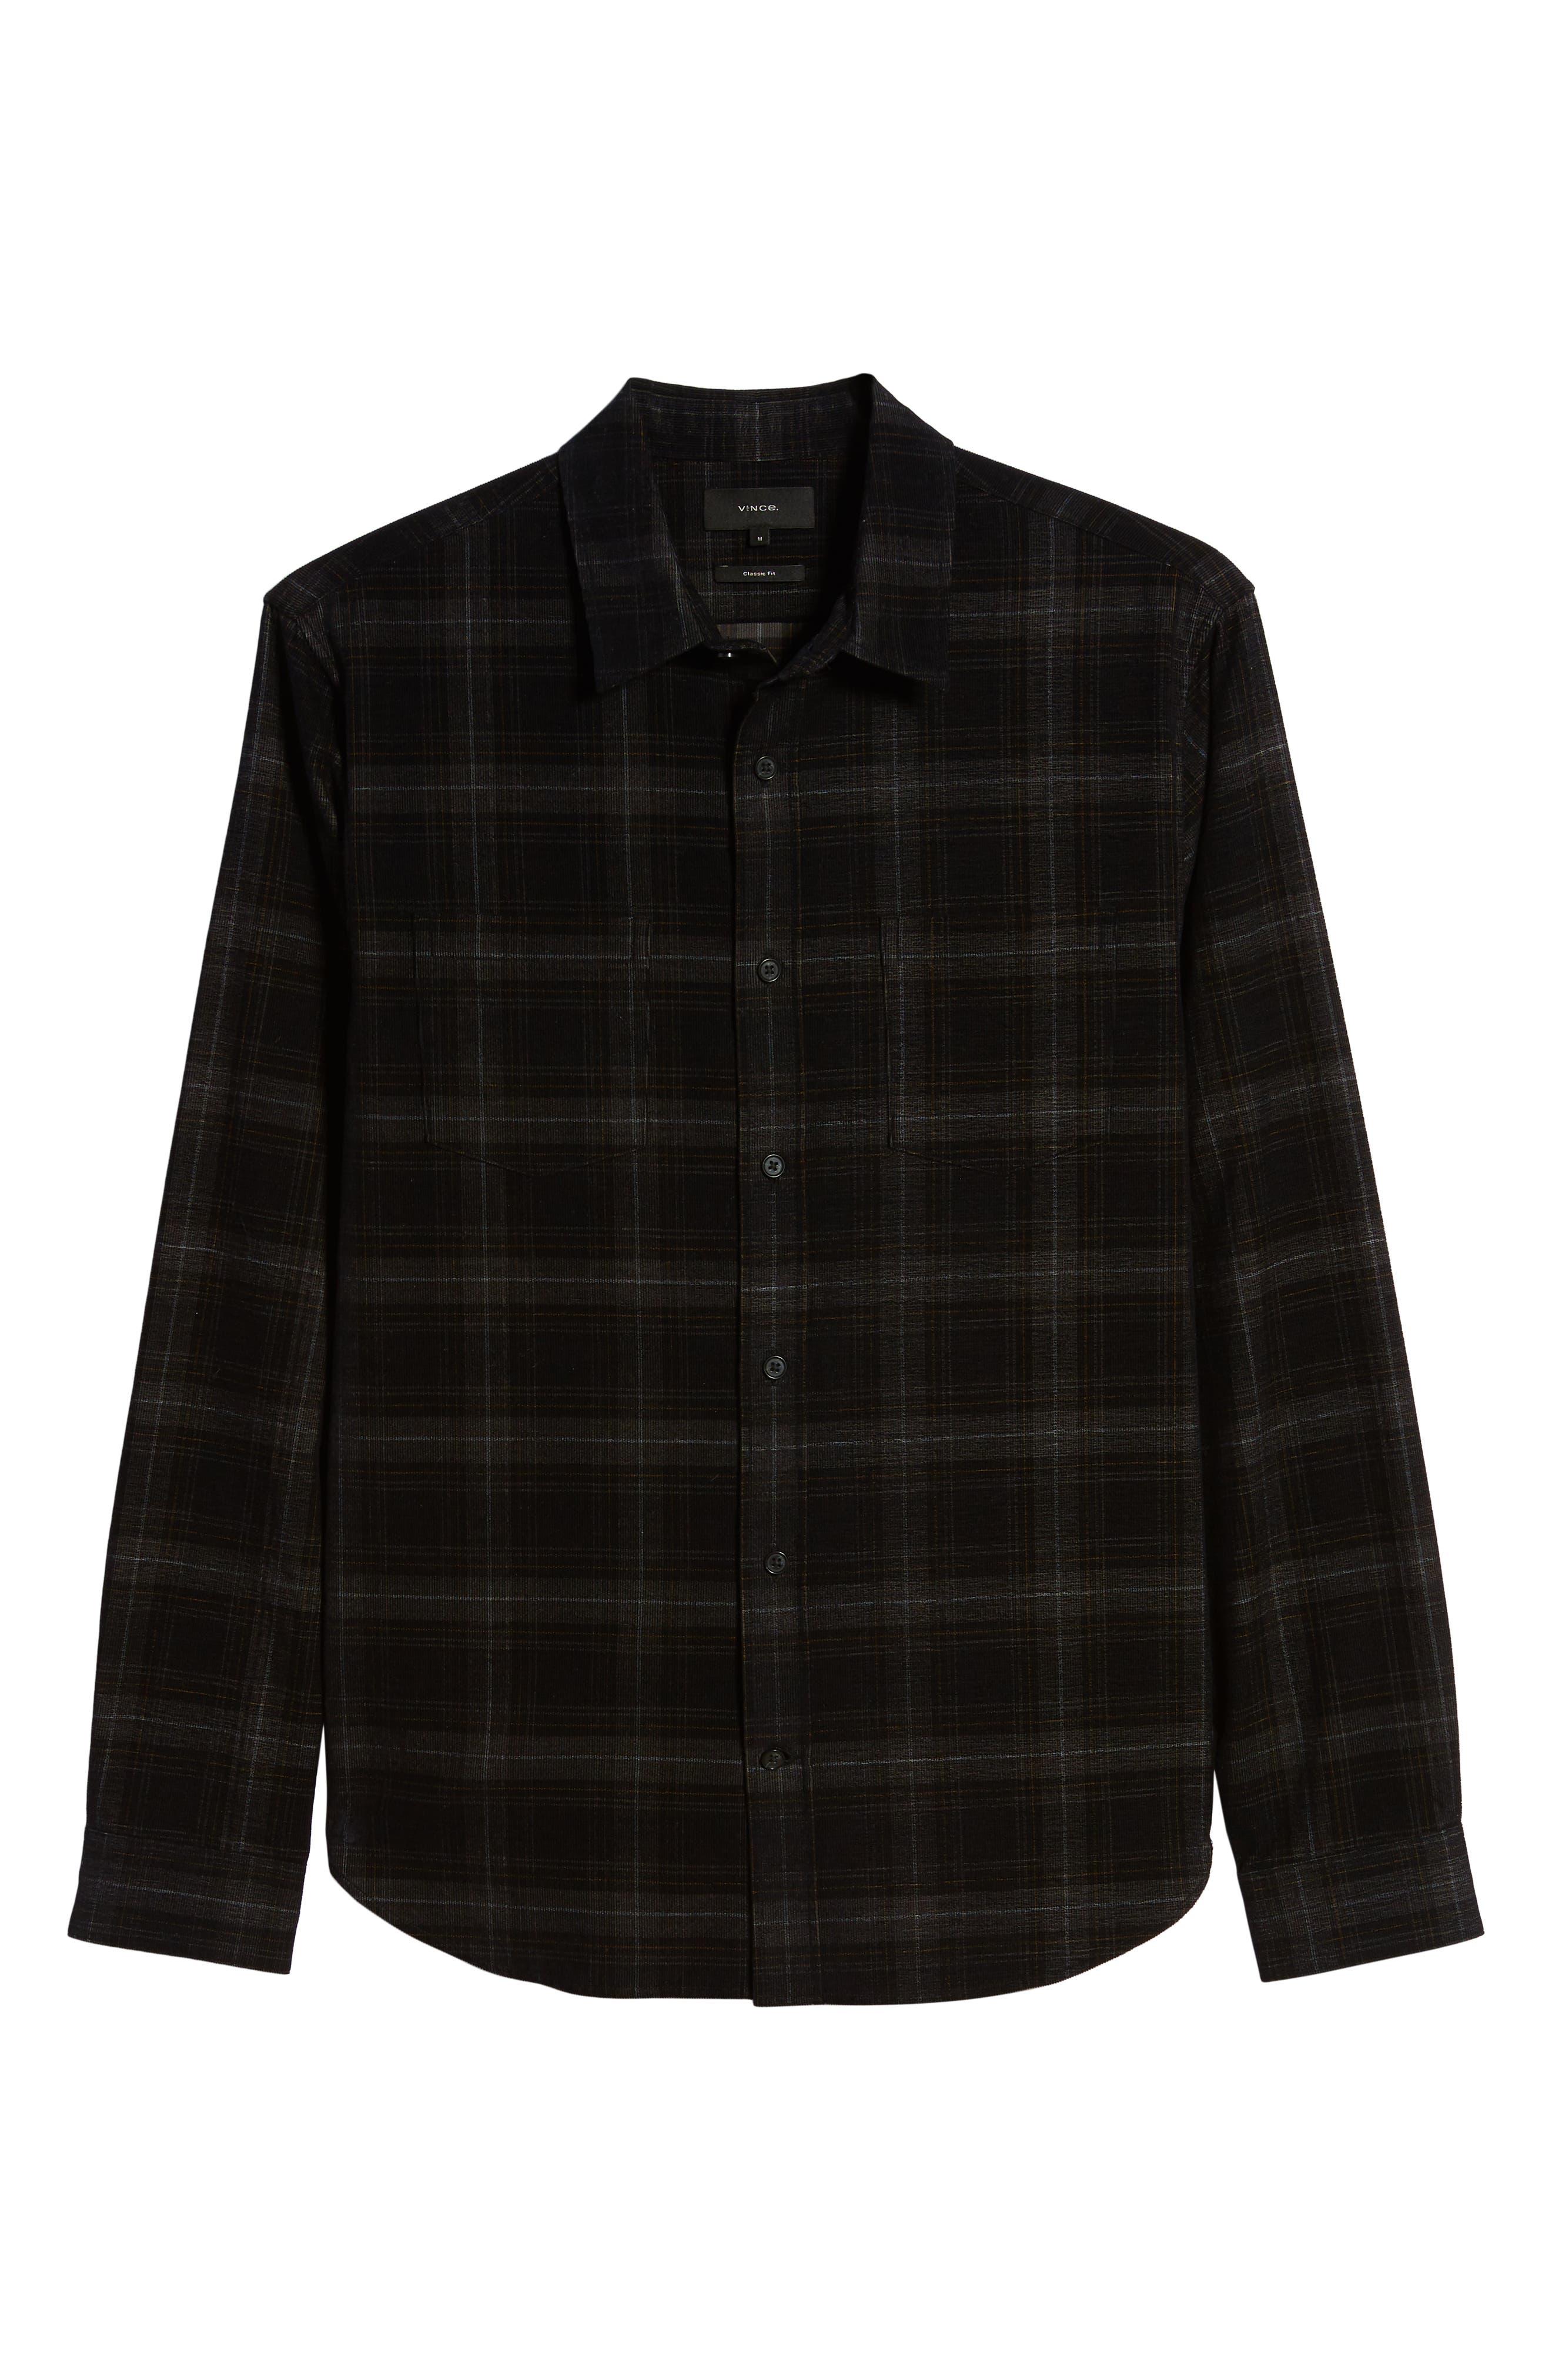 Vince T-shirts Classic Fit Plaid Corduroy Button-Up Shirt